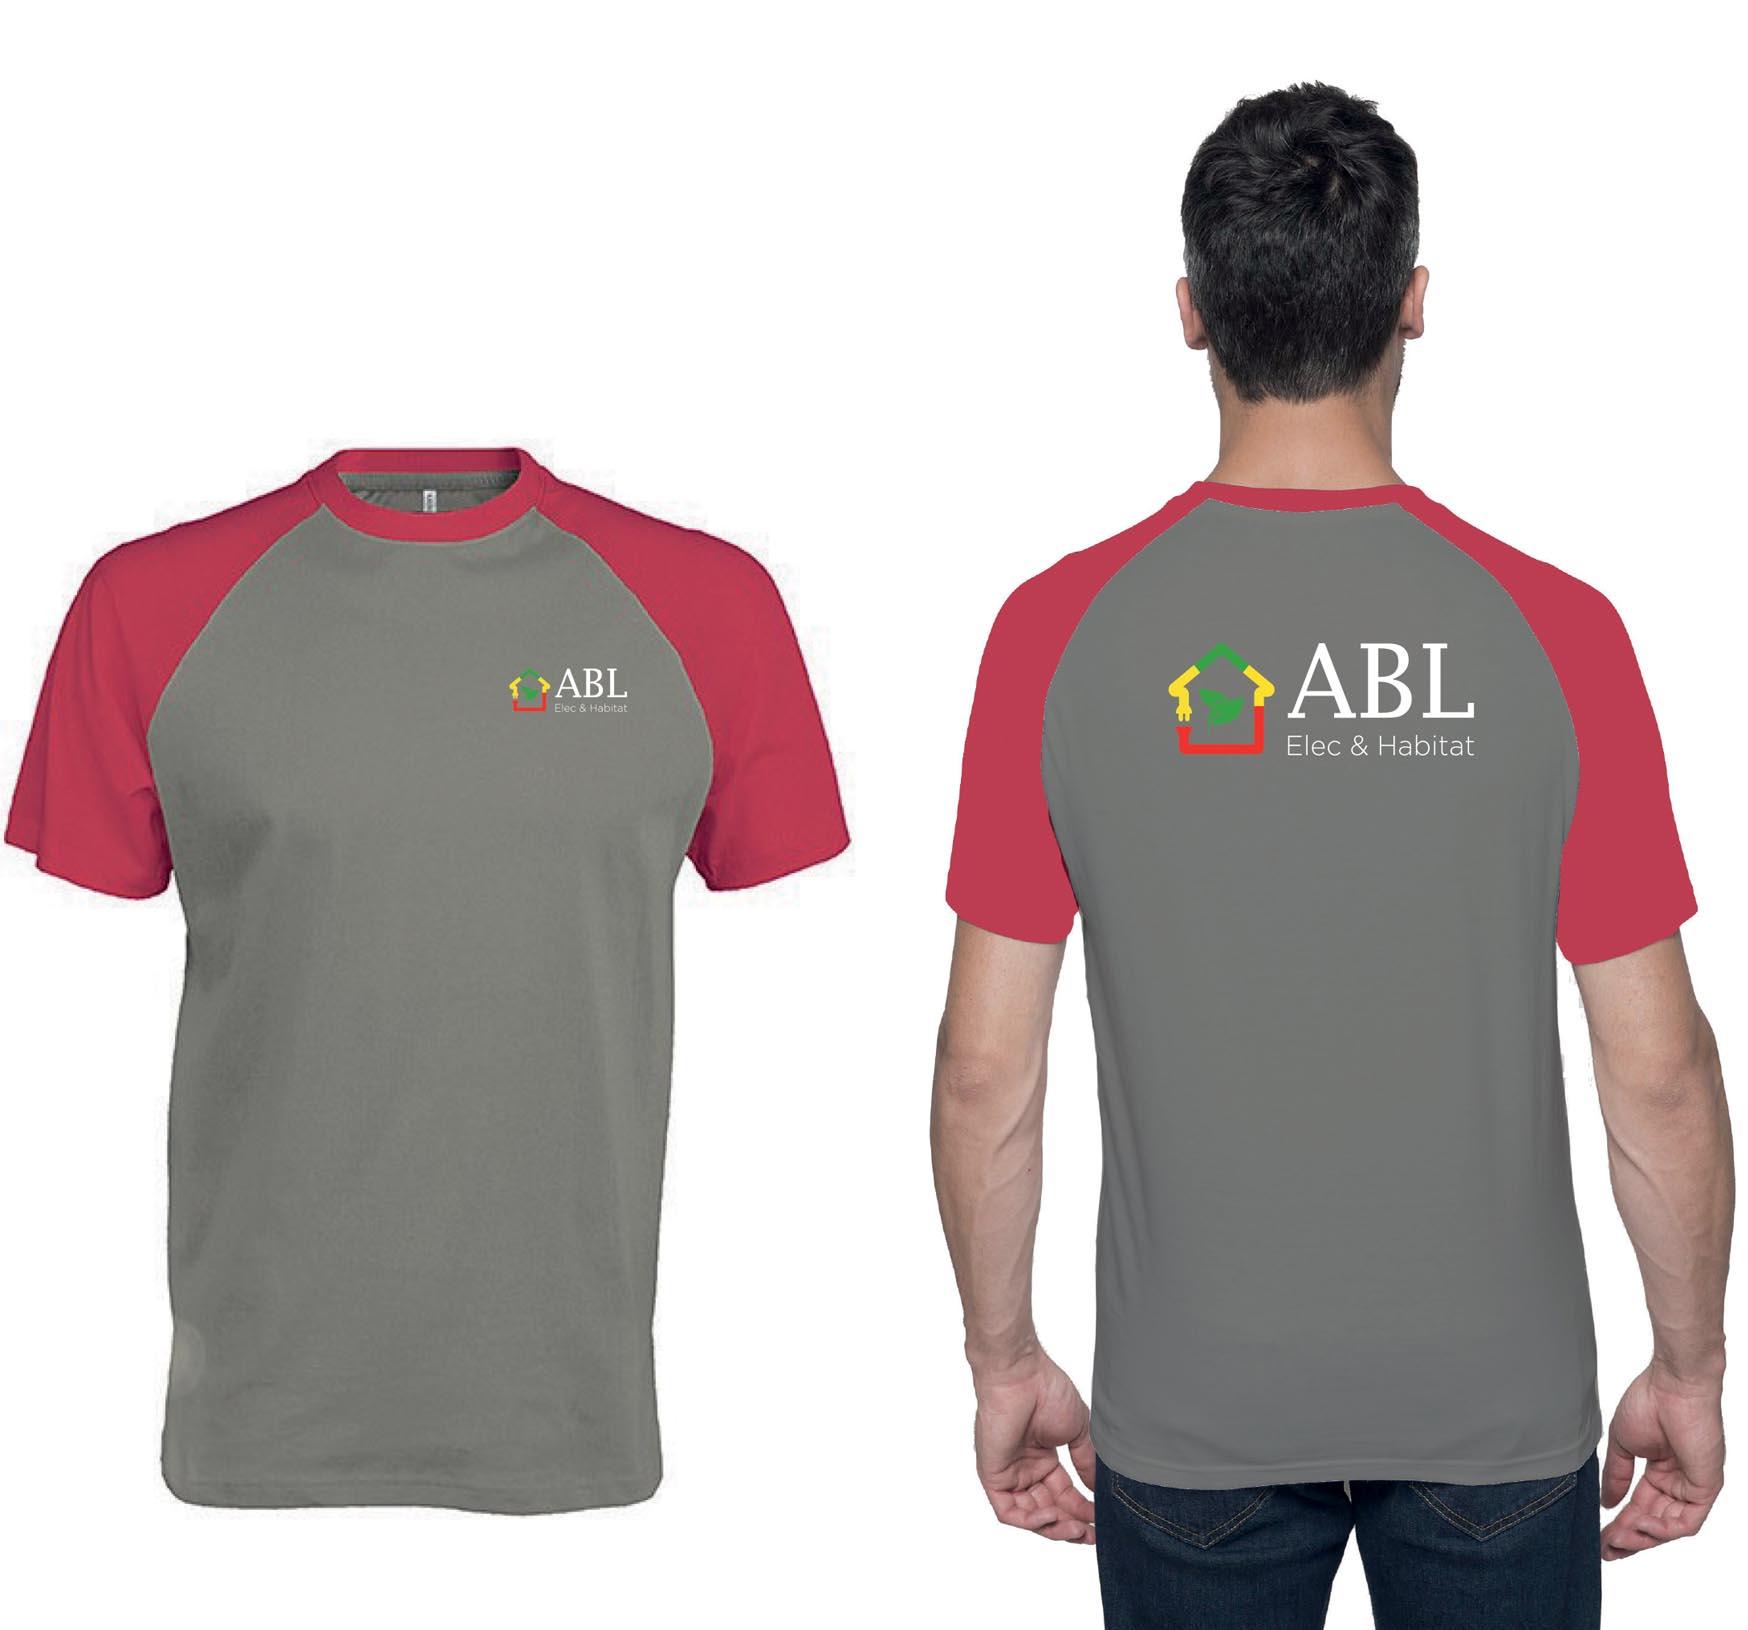 Tee shirts ABL